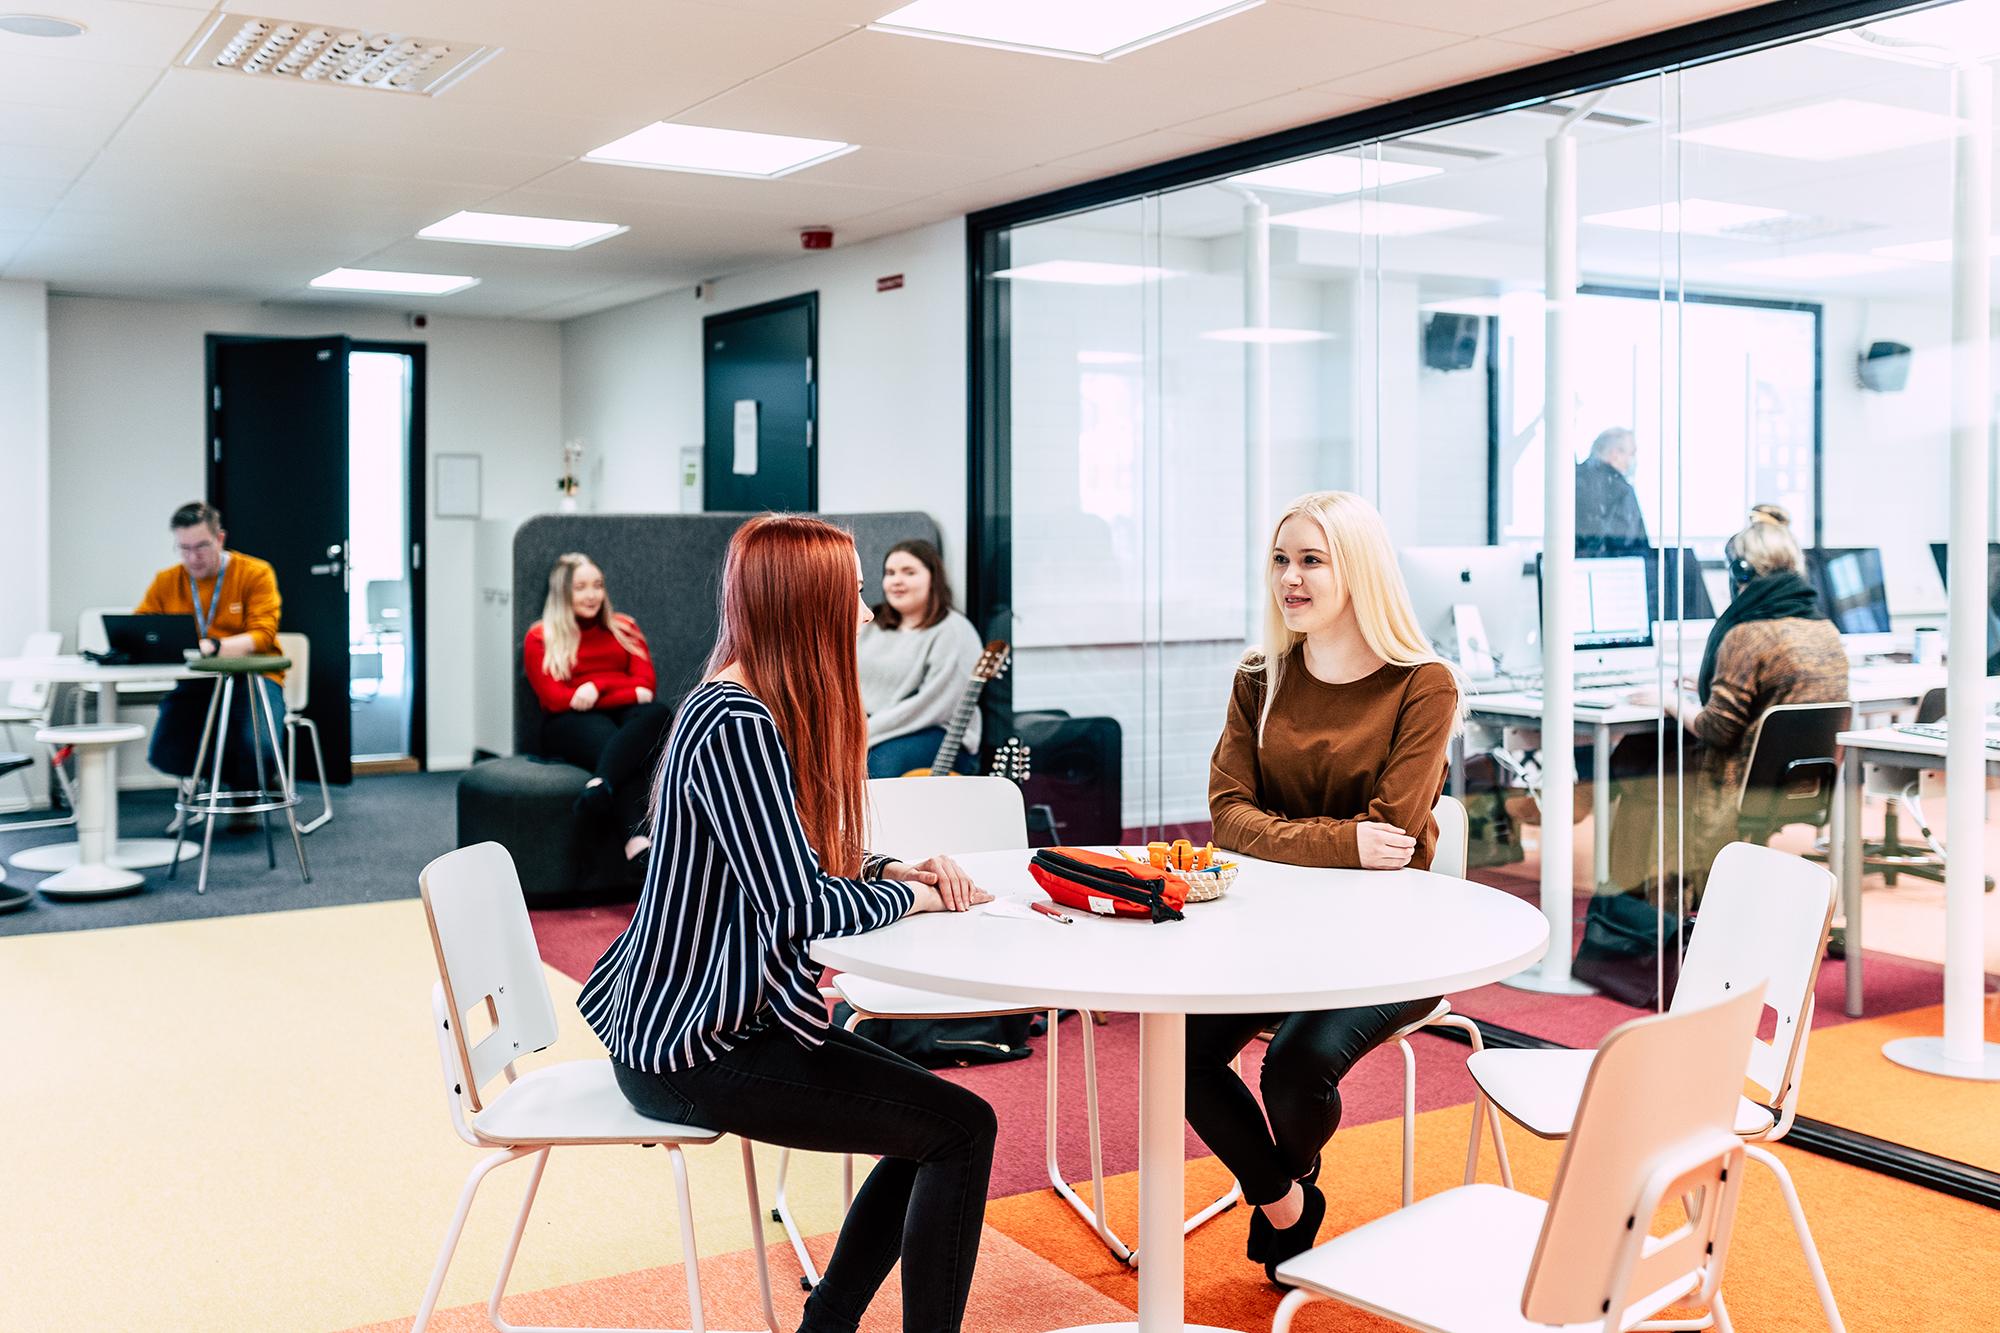 Opiskelijat istuvat uusissa tiloissa pöydän ääressä